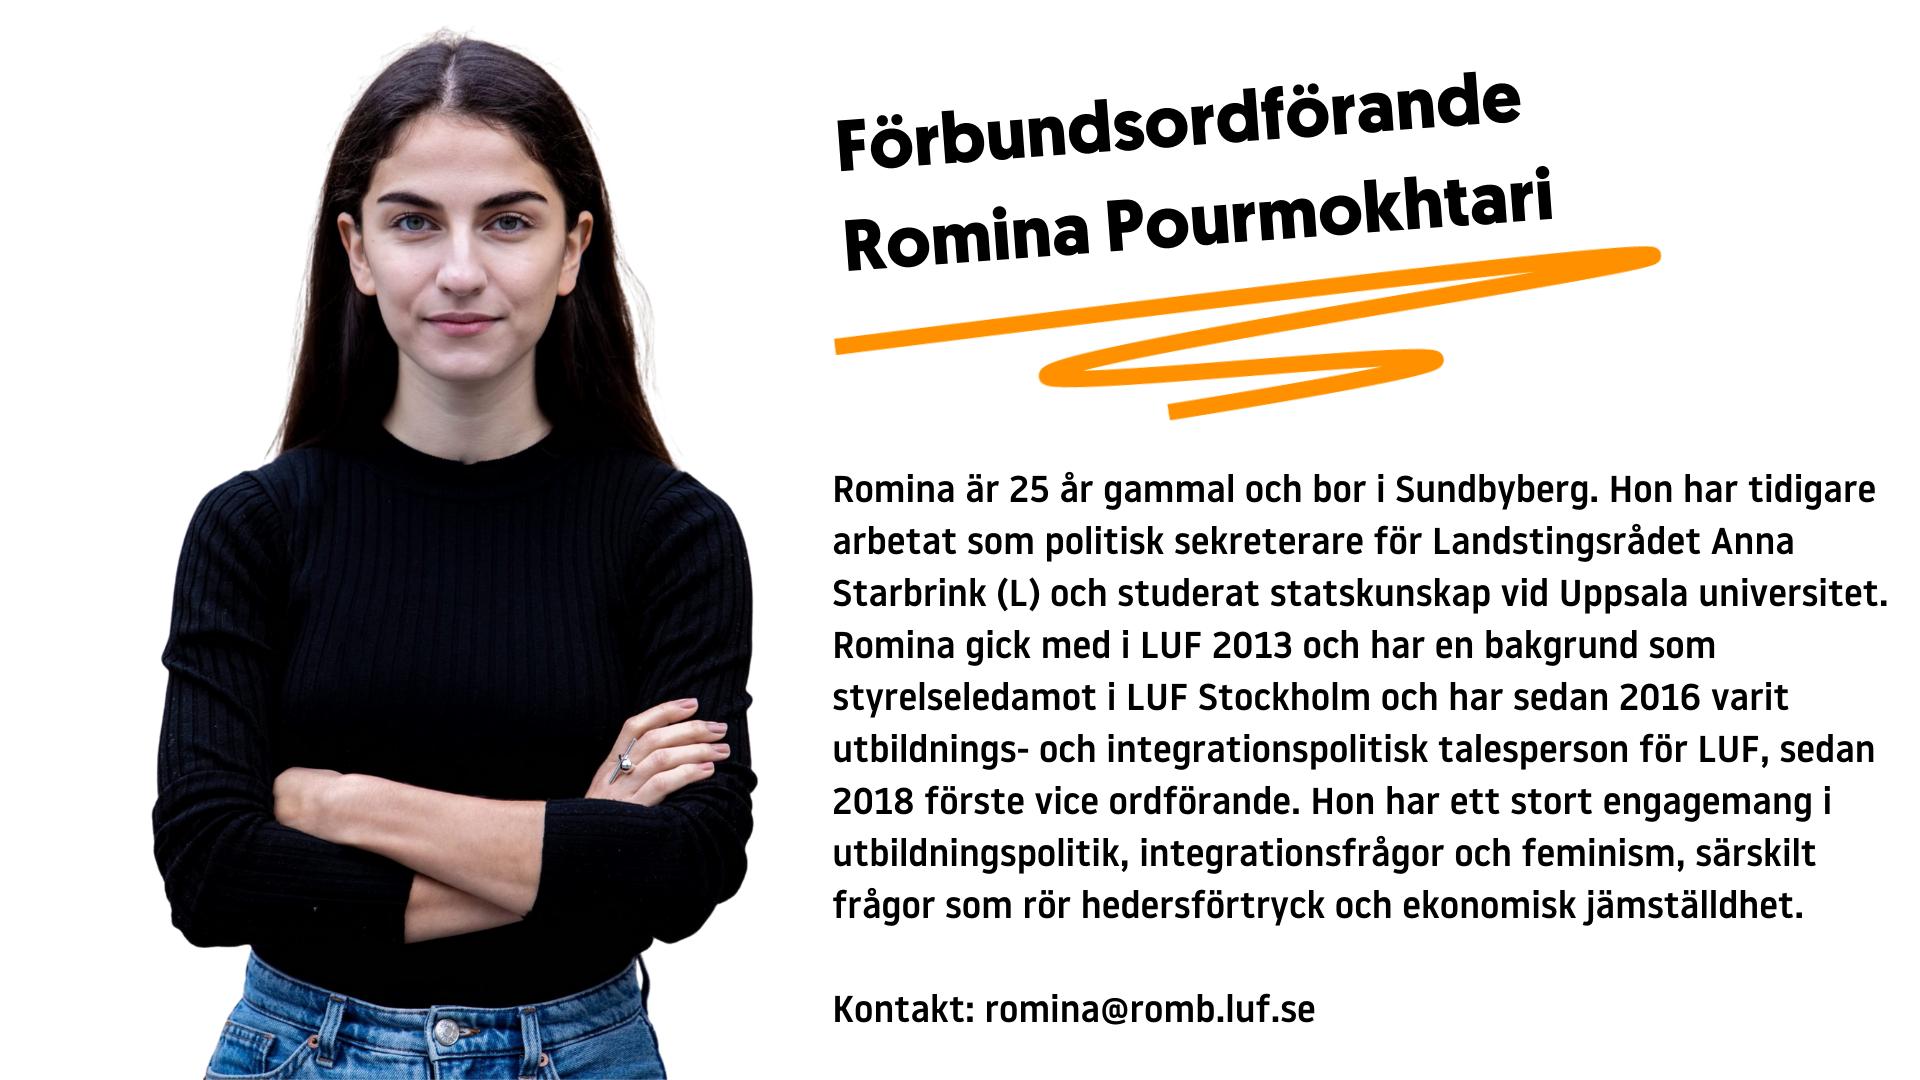 Information om förbundsordförande Romina Pourmokhtari